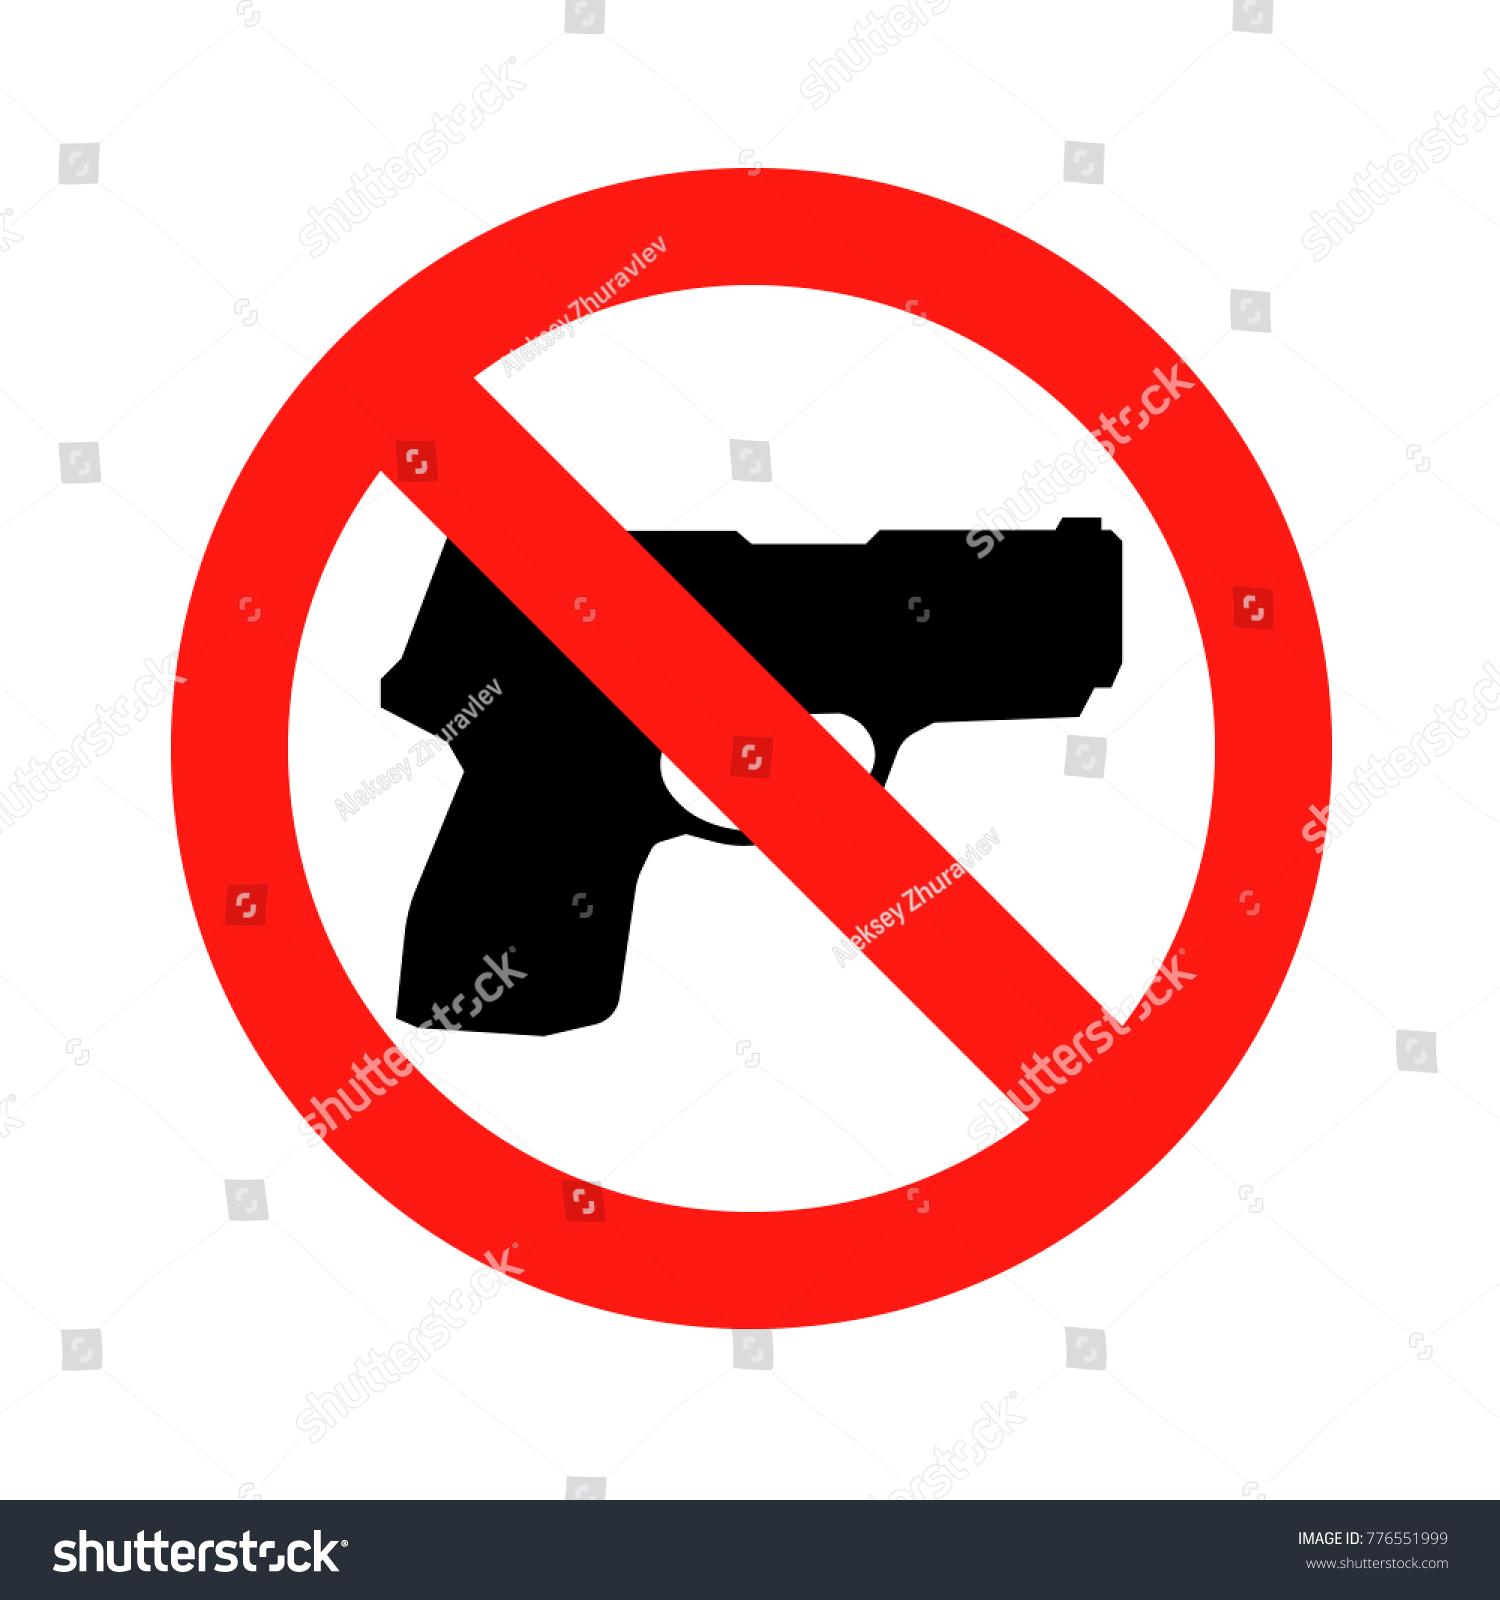 No gun sign no weapon symbol stock illustration 776551999 no gun sign no weapon symbol icon illustration biocorpaavc